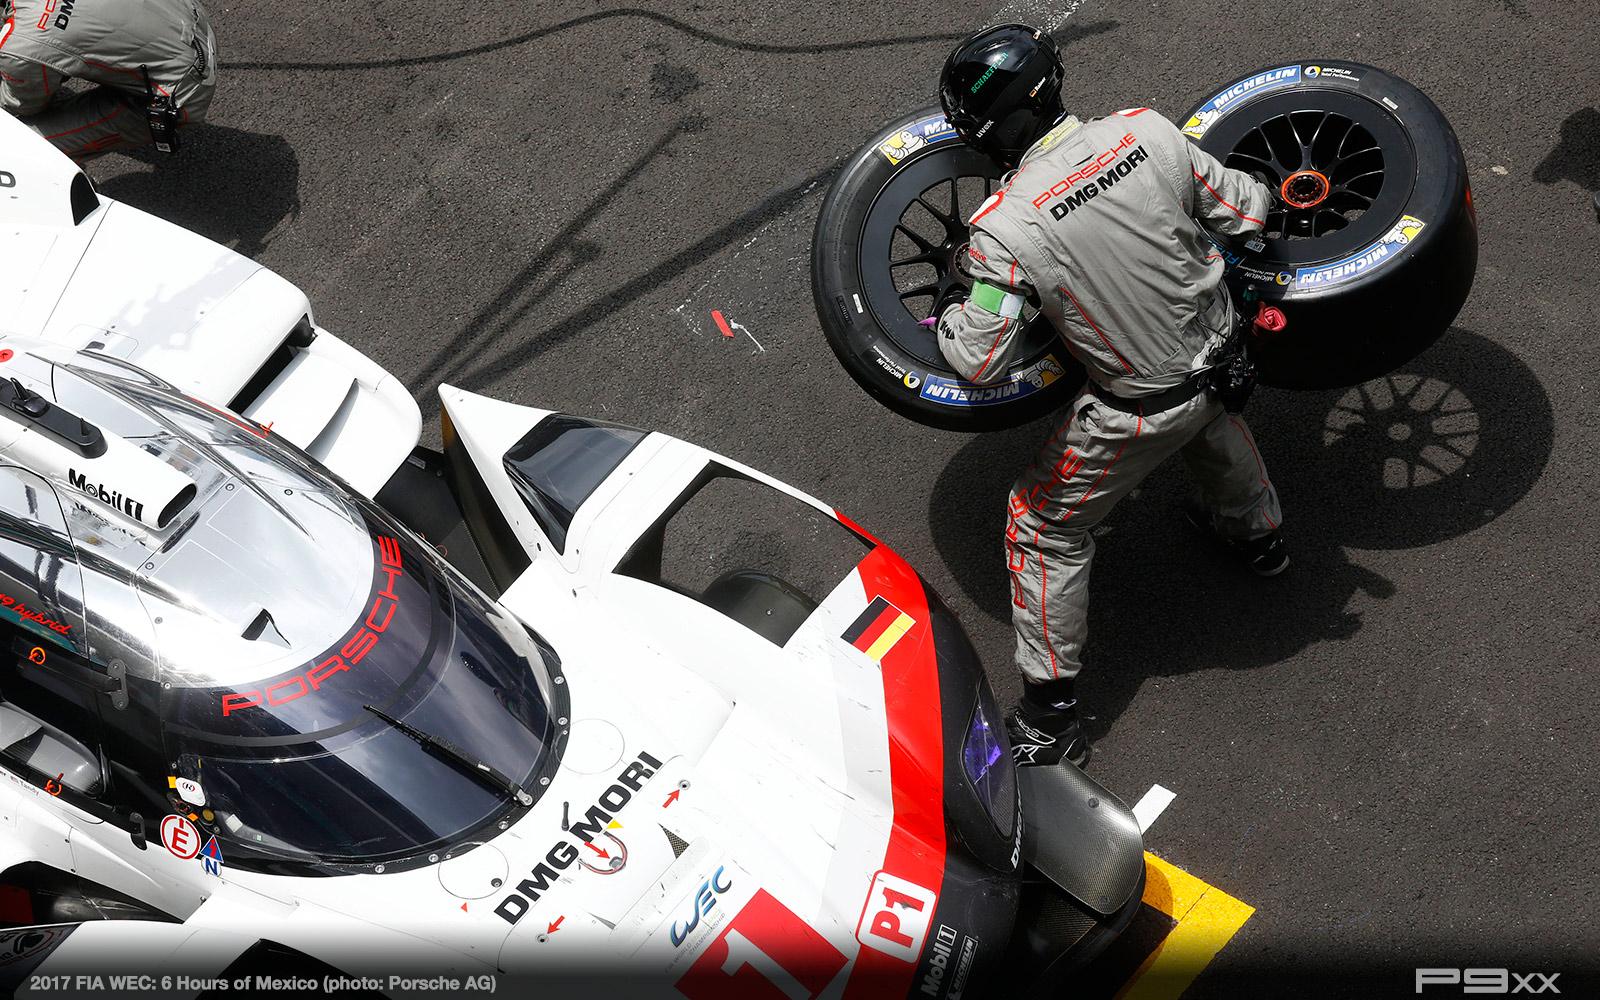 2017-FIA-WEC-6-HOURS-MEXICO-PORSCHE-1311